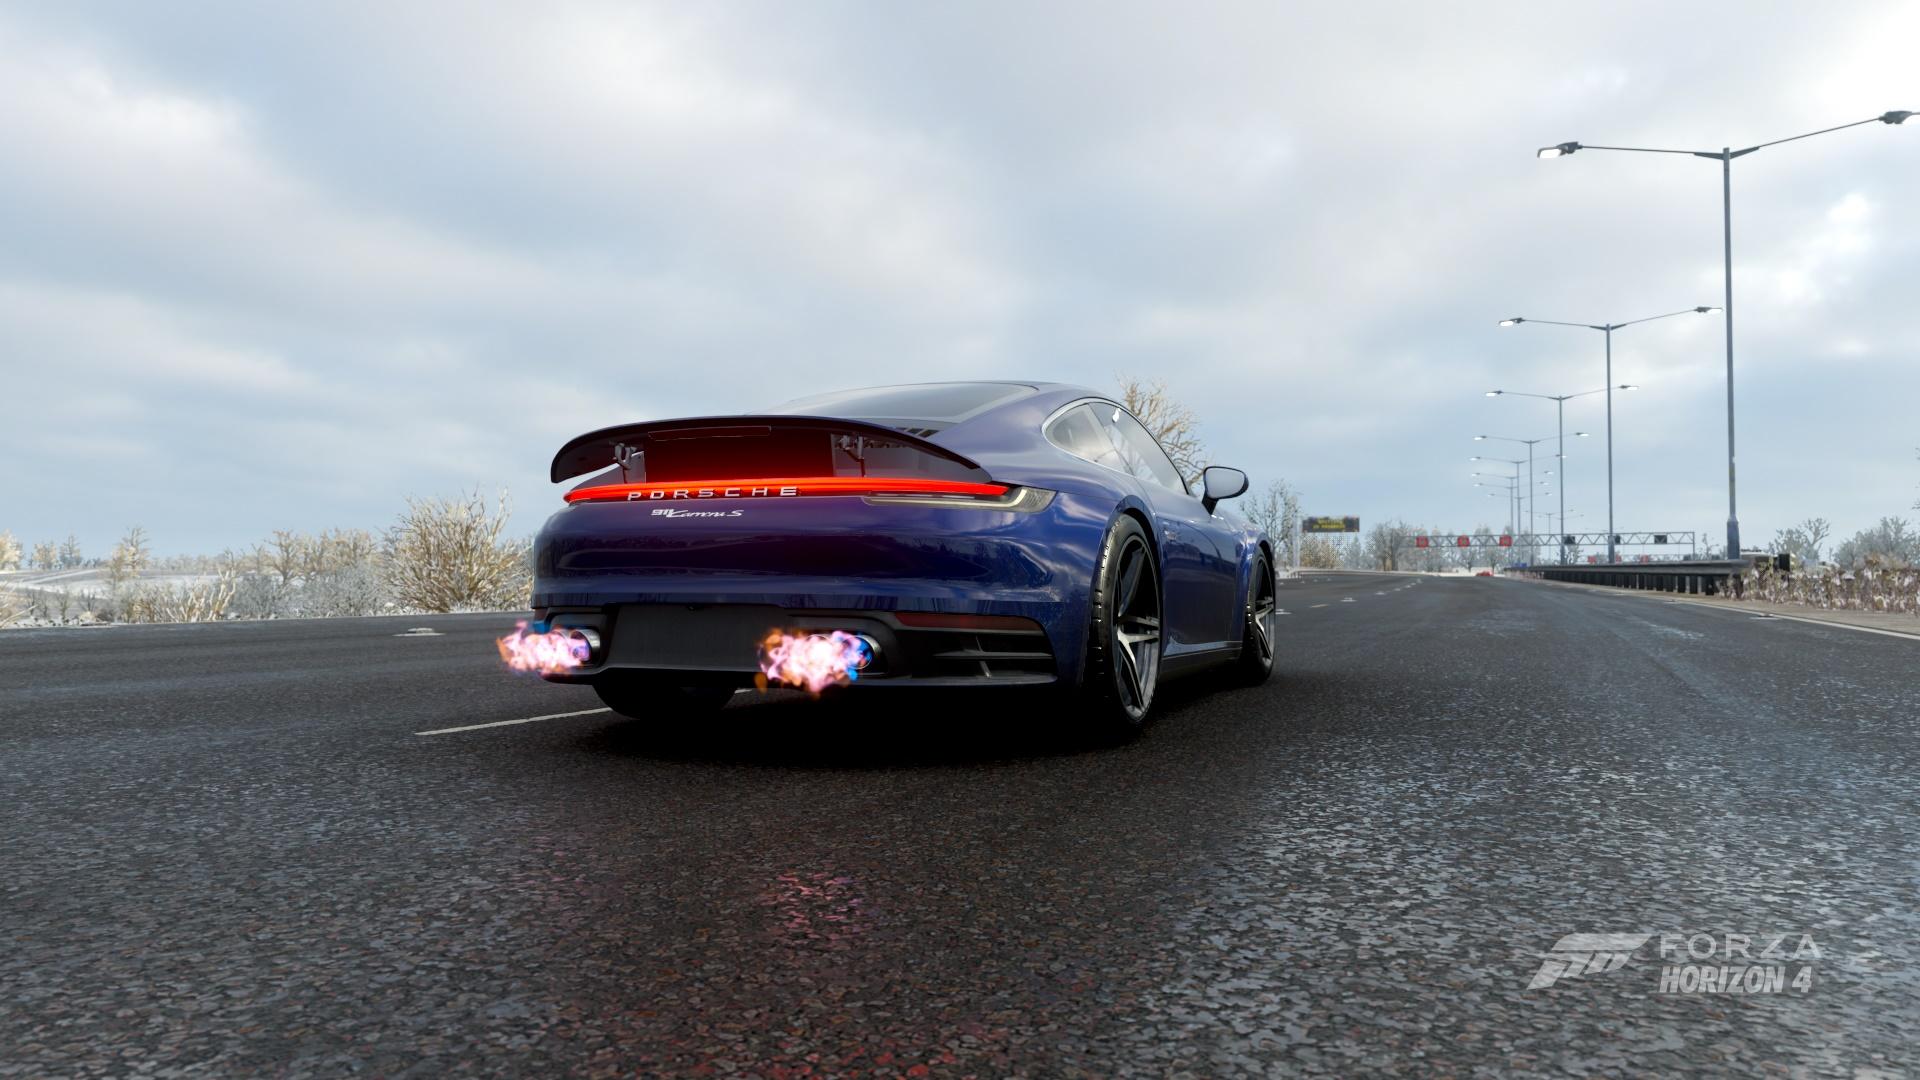 Fondos De Pantalla Porsche 911 Carrera S Forza Horizon 4